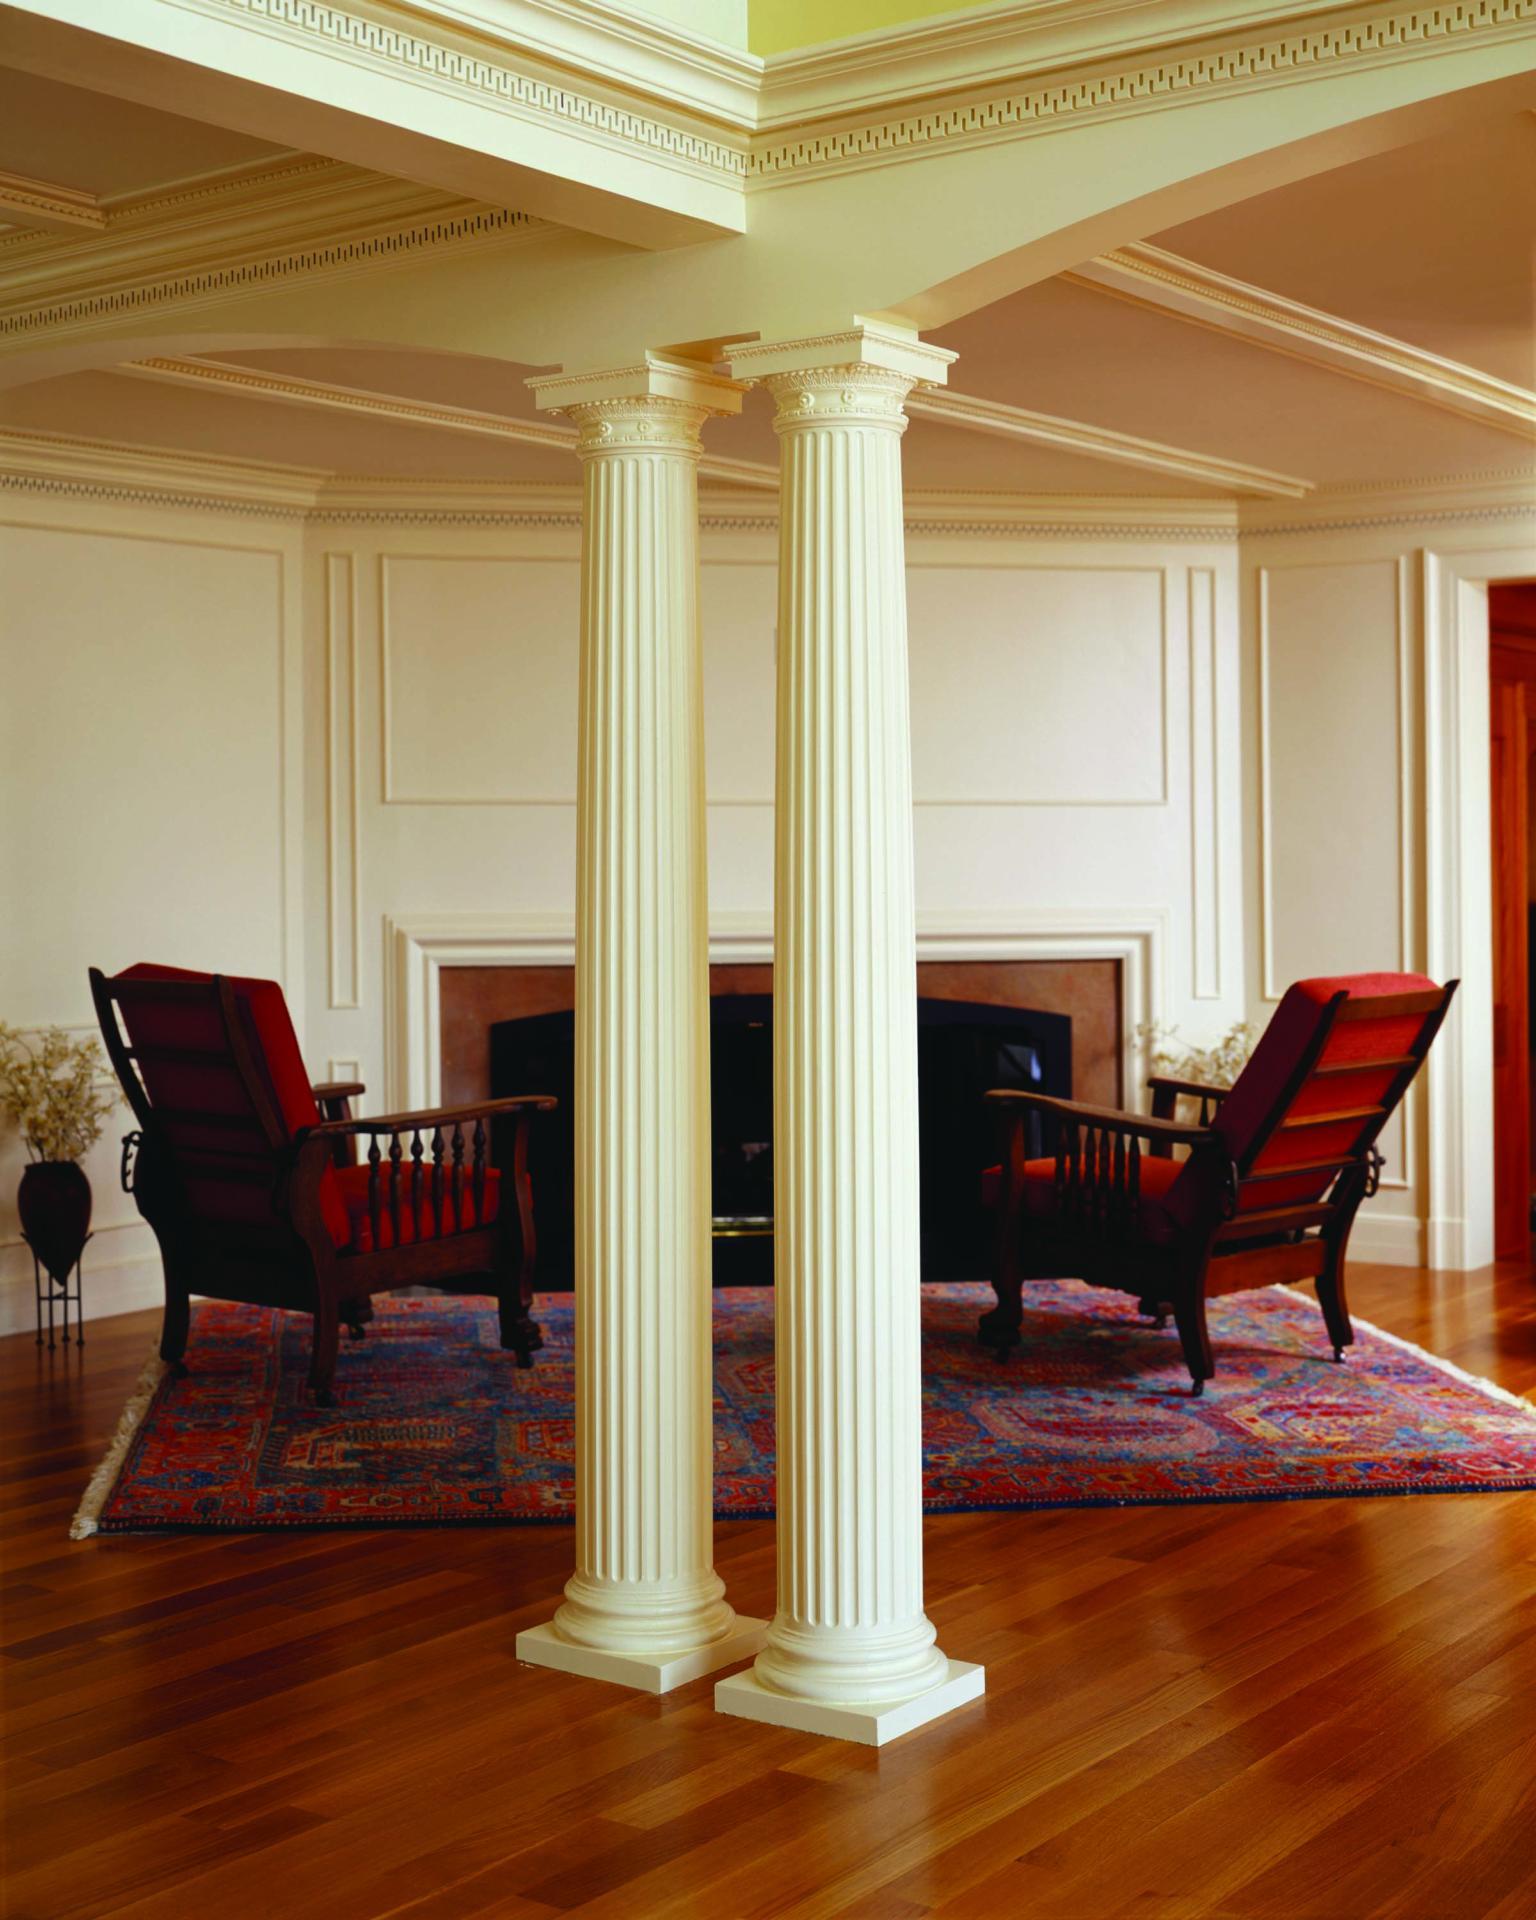 комнаты с колоннами картинки иначе, так осталась